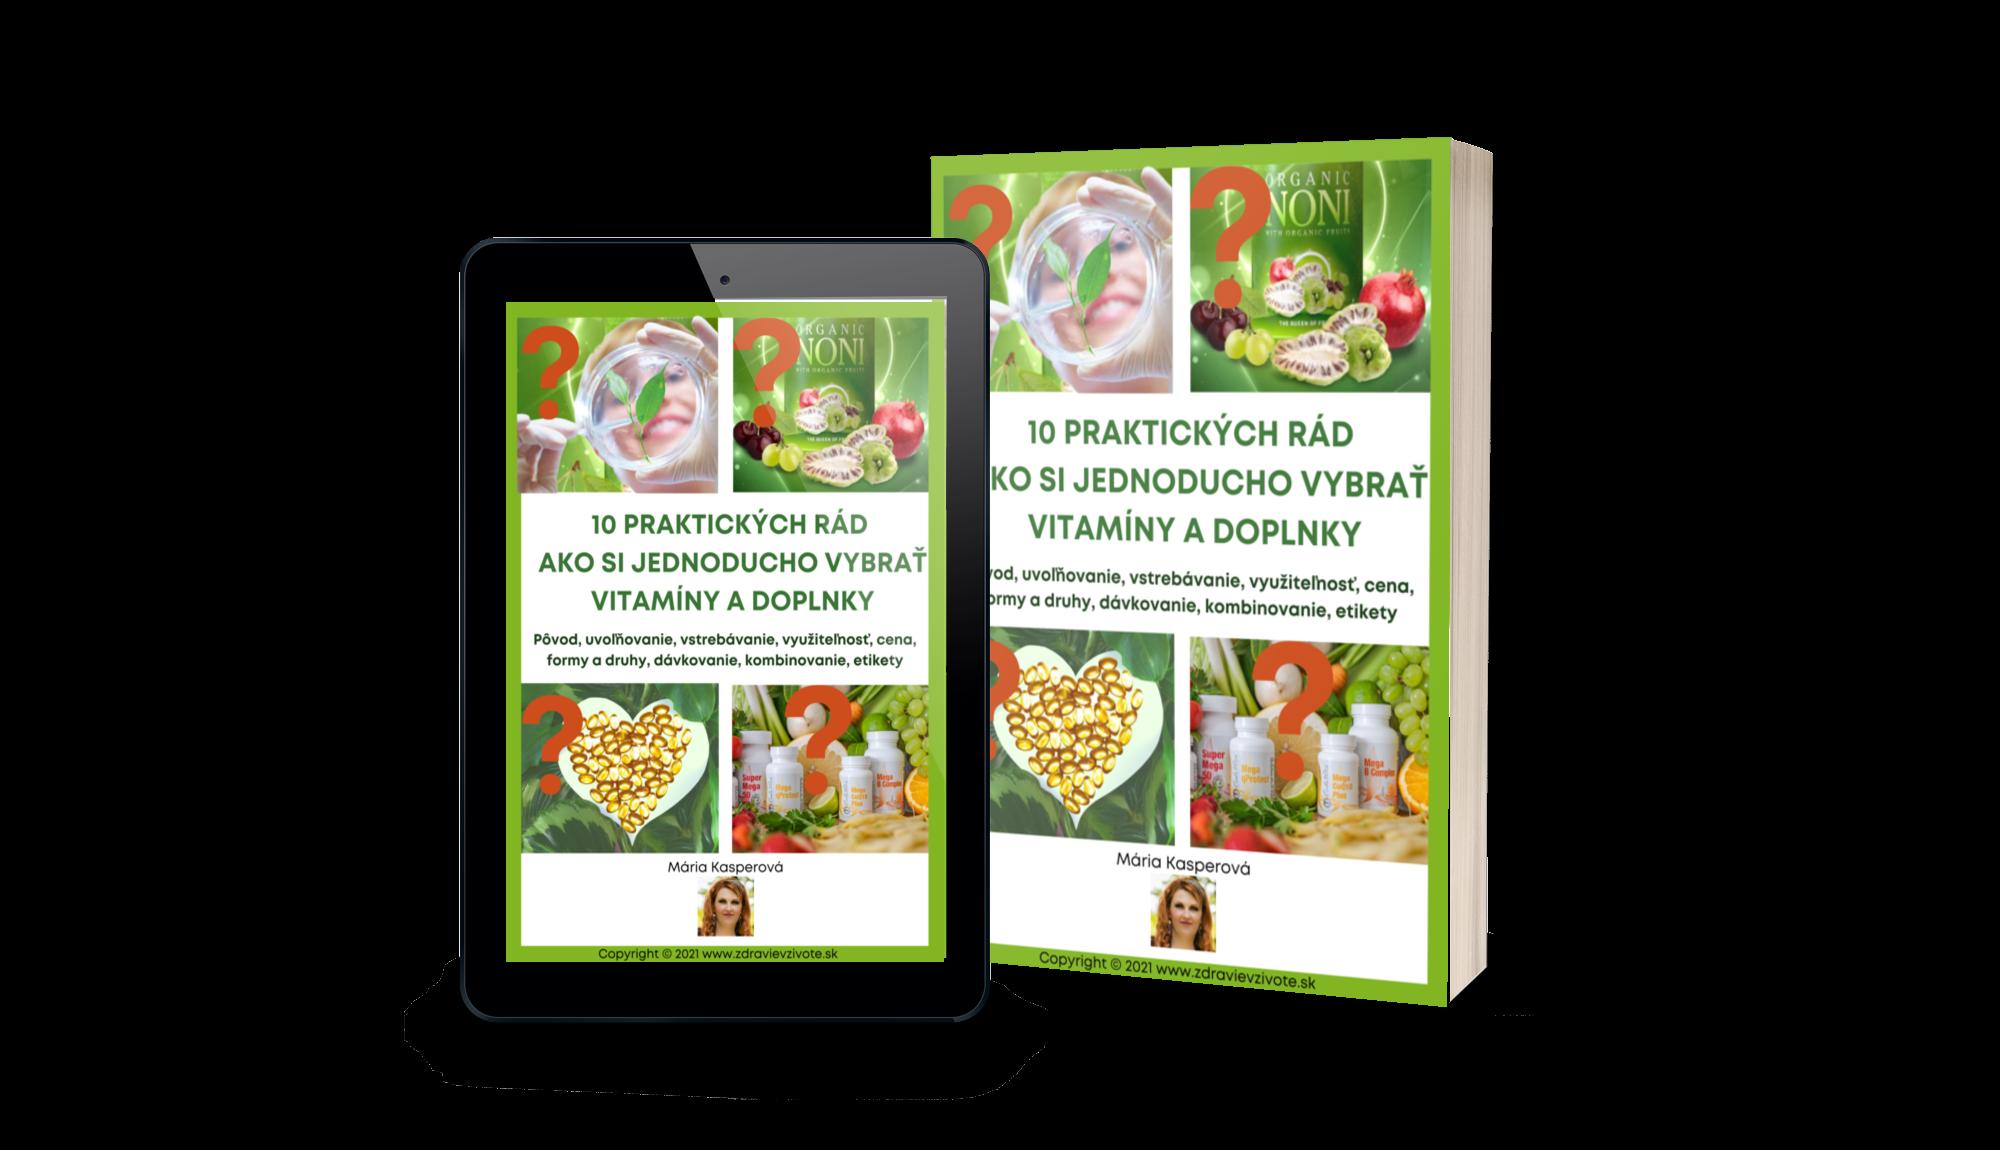 Vitamíny, doplnky stravy, výživové doplnky, ako si vedieť vybrať, rady, typy, zásady,pôvod, uvoľňovanie, vstrebávanie, cena, čítanie etikiet, kombinovanie, formy a druhy